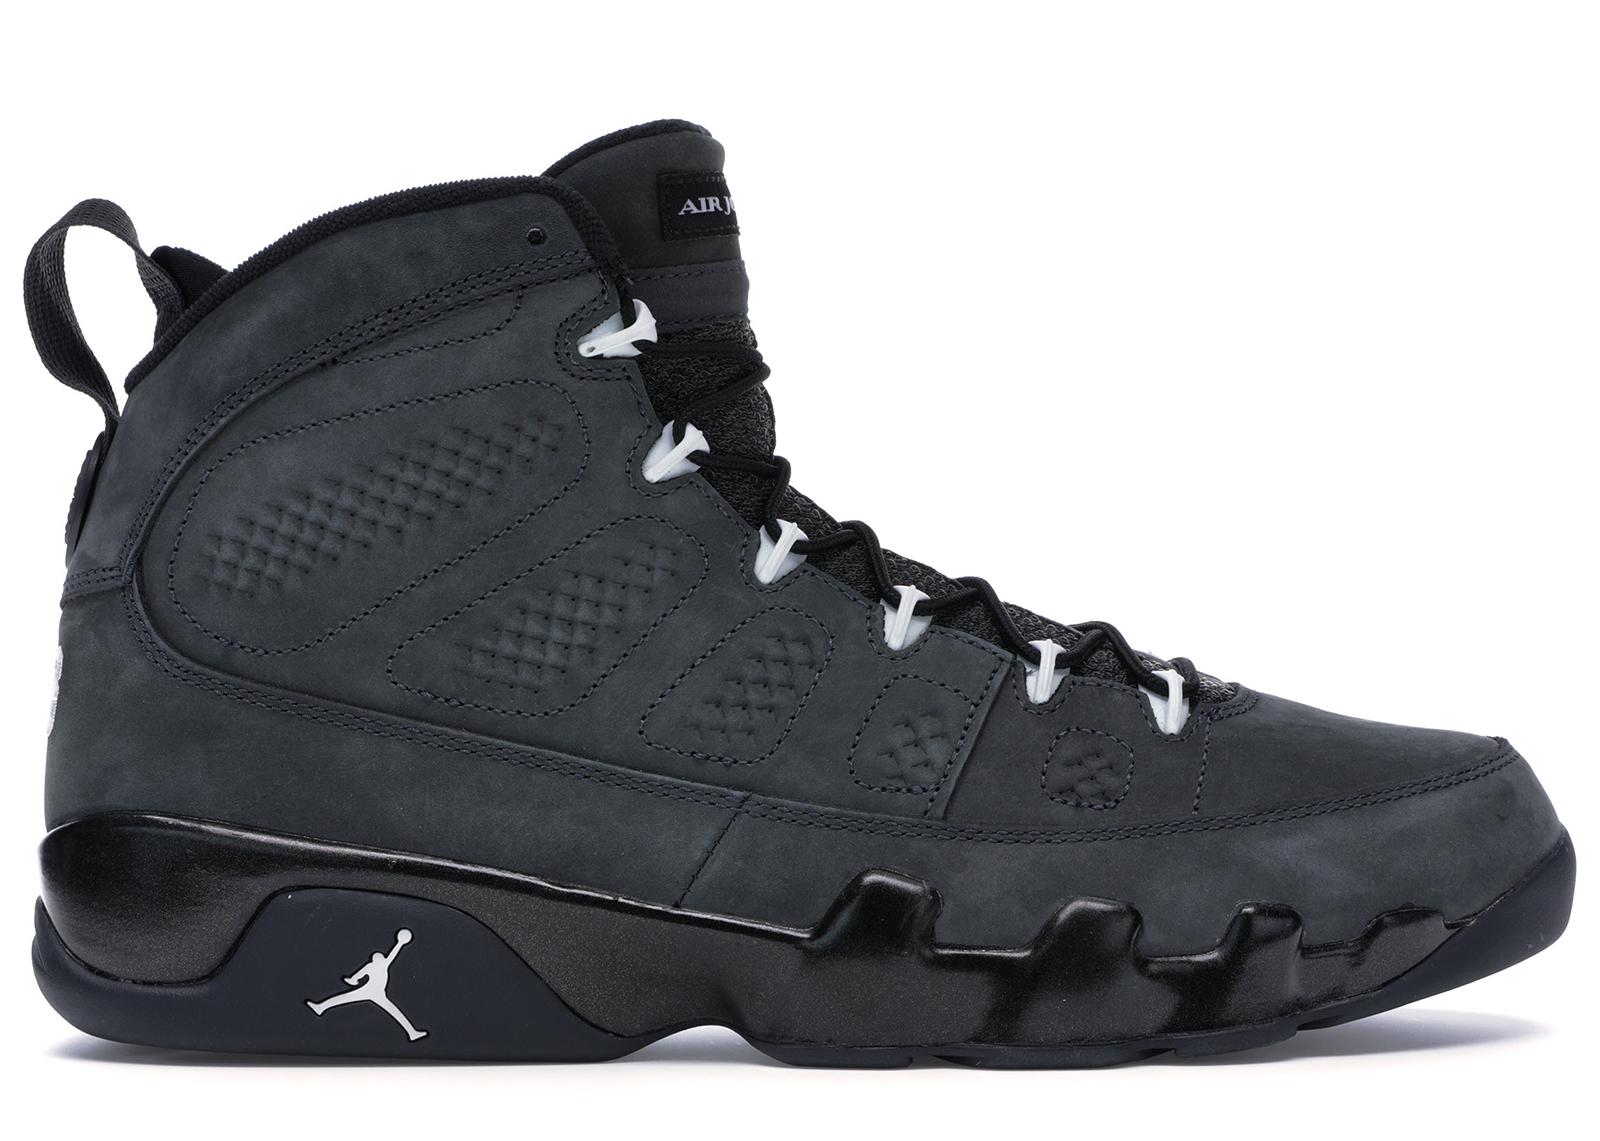 Jordan 9 Retro Anthracite